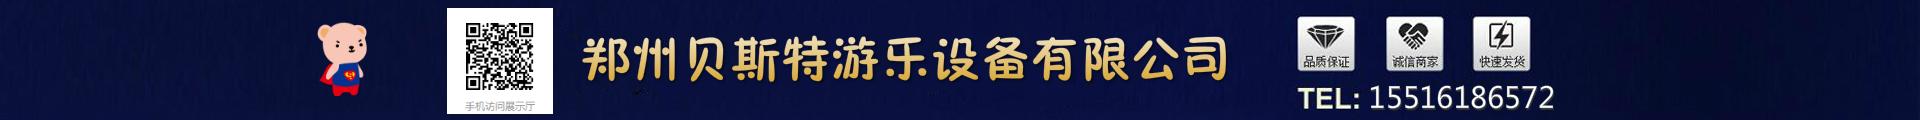 郑州贝斯特游乐设备有限公司